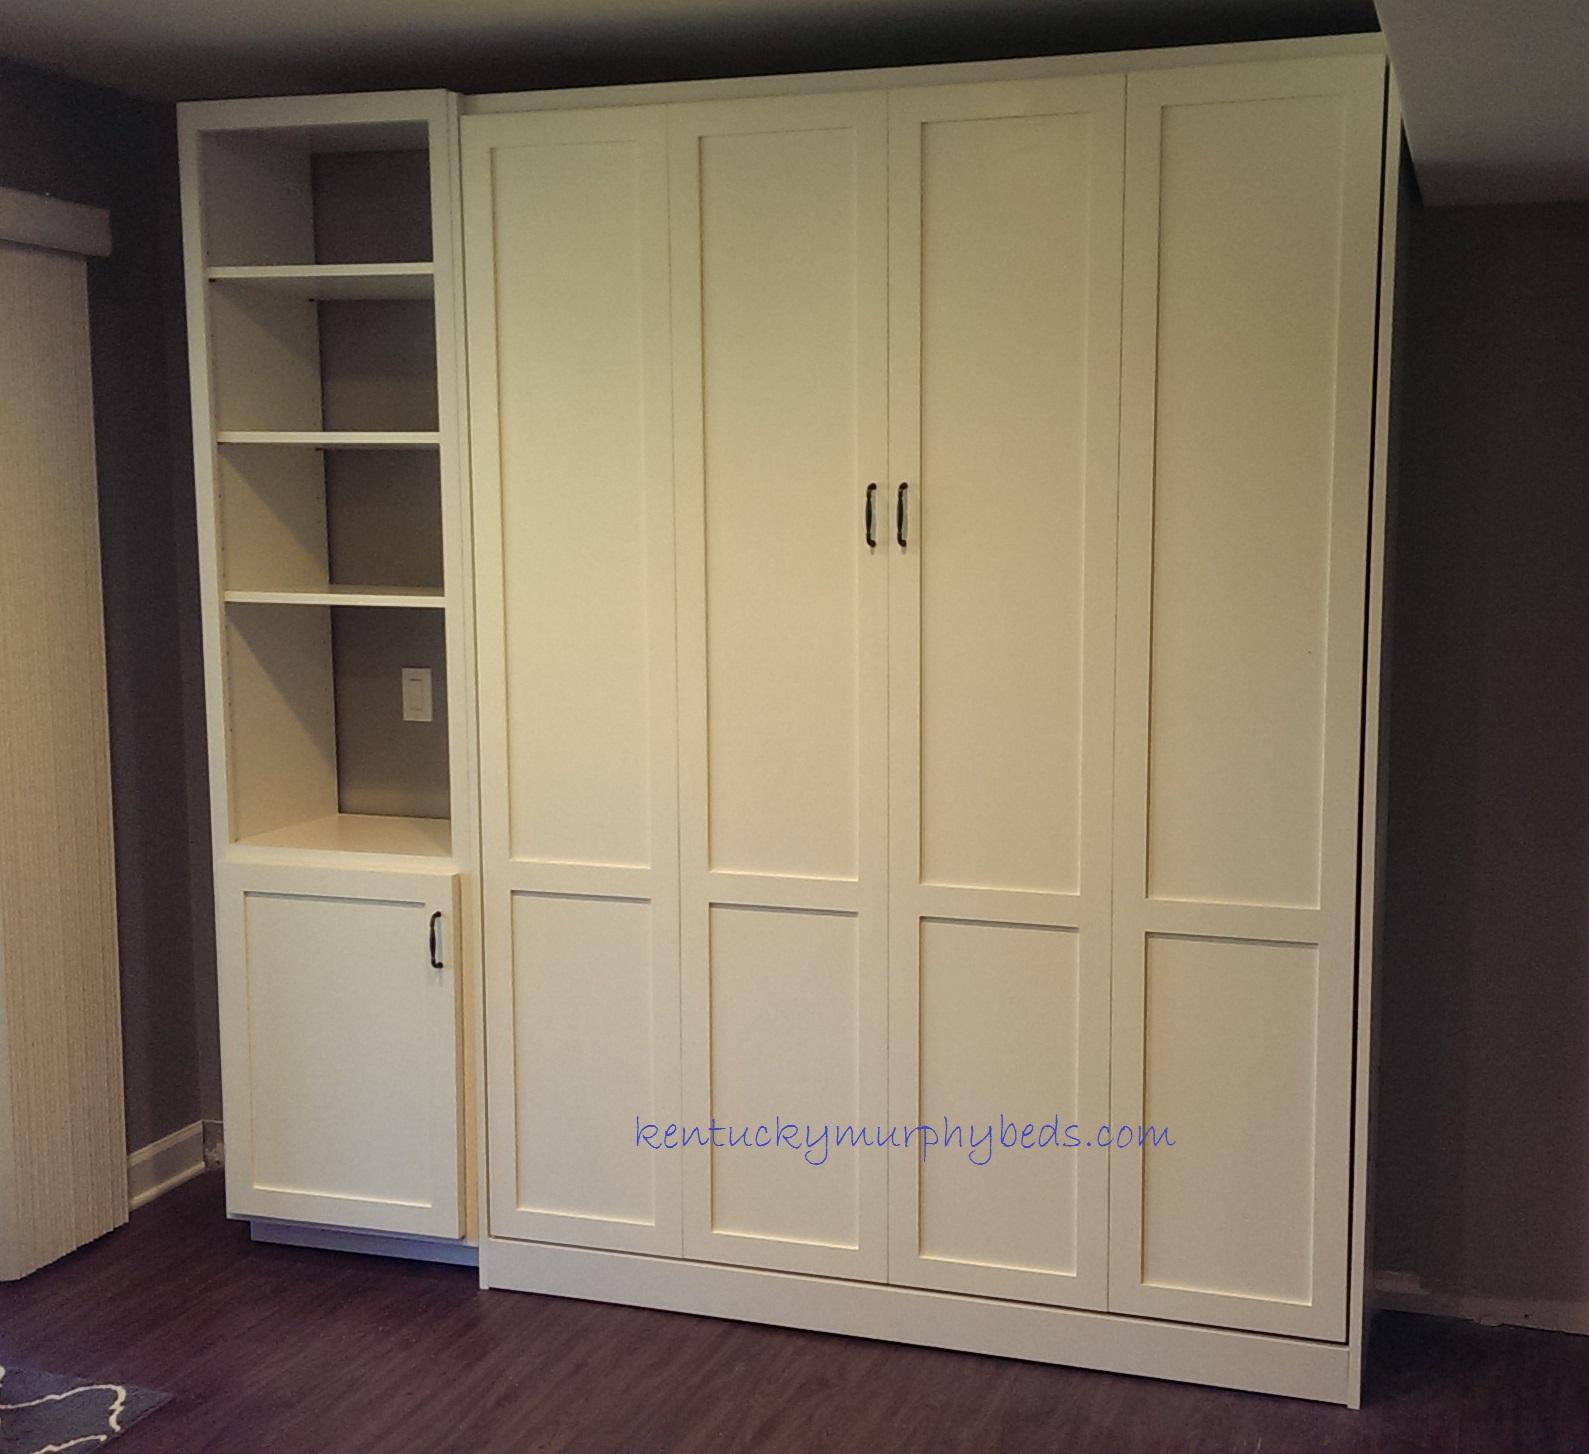 Fabulous New Panel Door Murphy Bed Design Kentucky